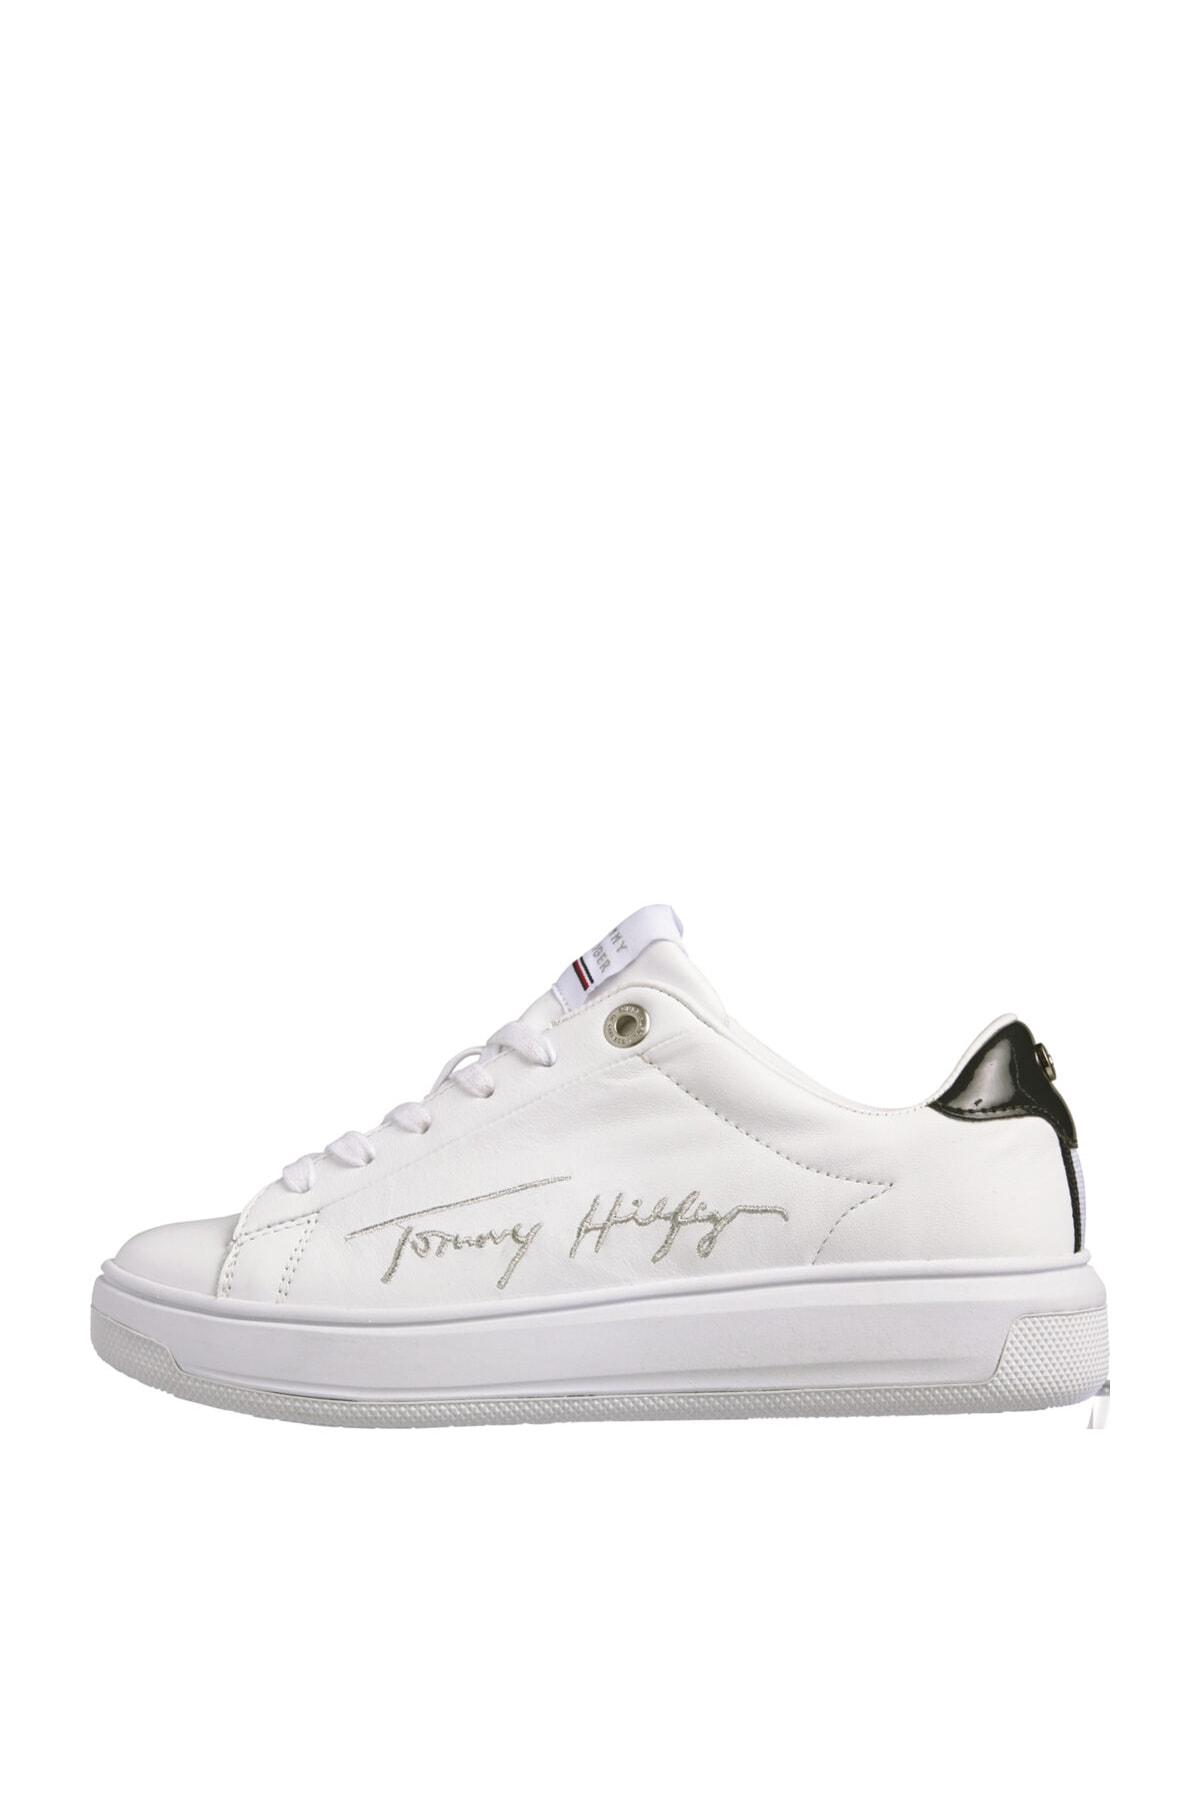 Tommy Hilfiger Kadın Beyaz Sneaker Sıgnature Tommy Deri Cupsole FW0FW05219 1